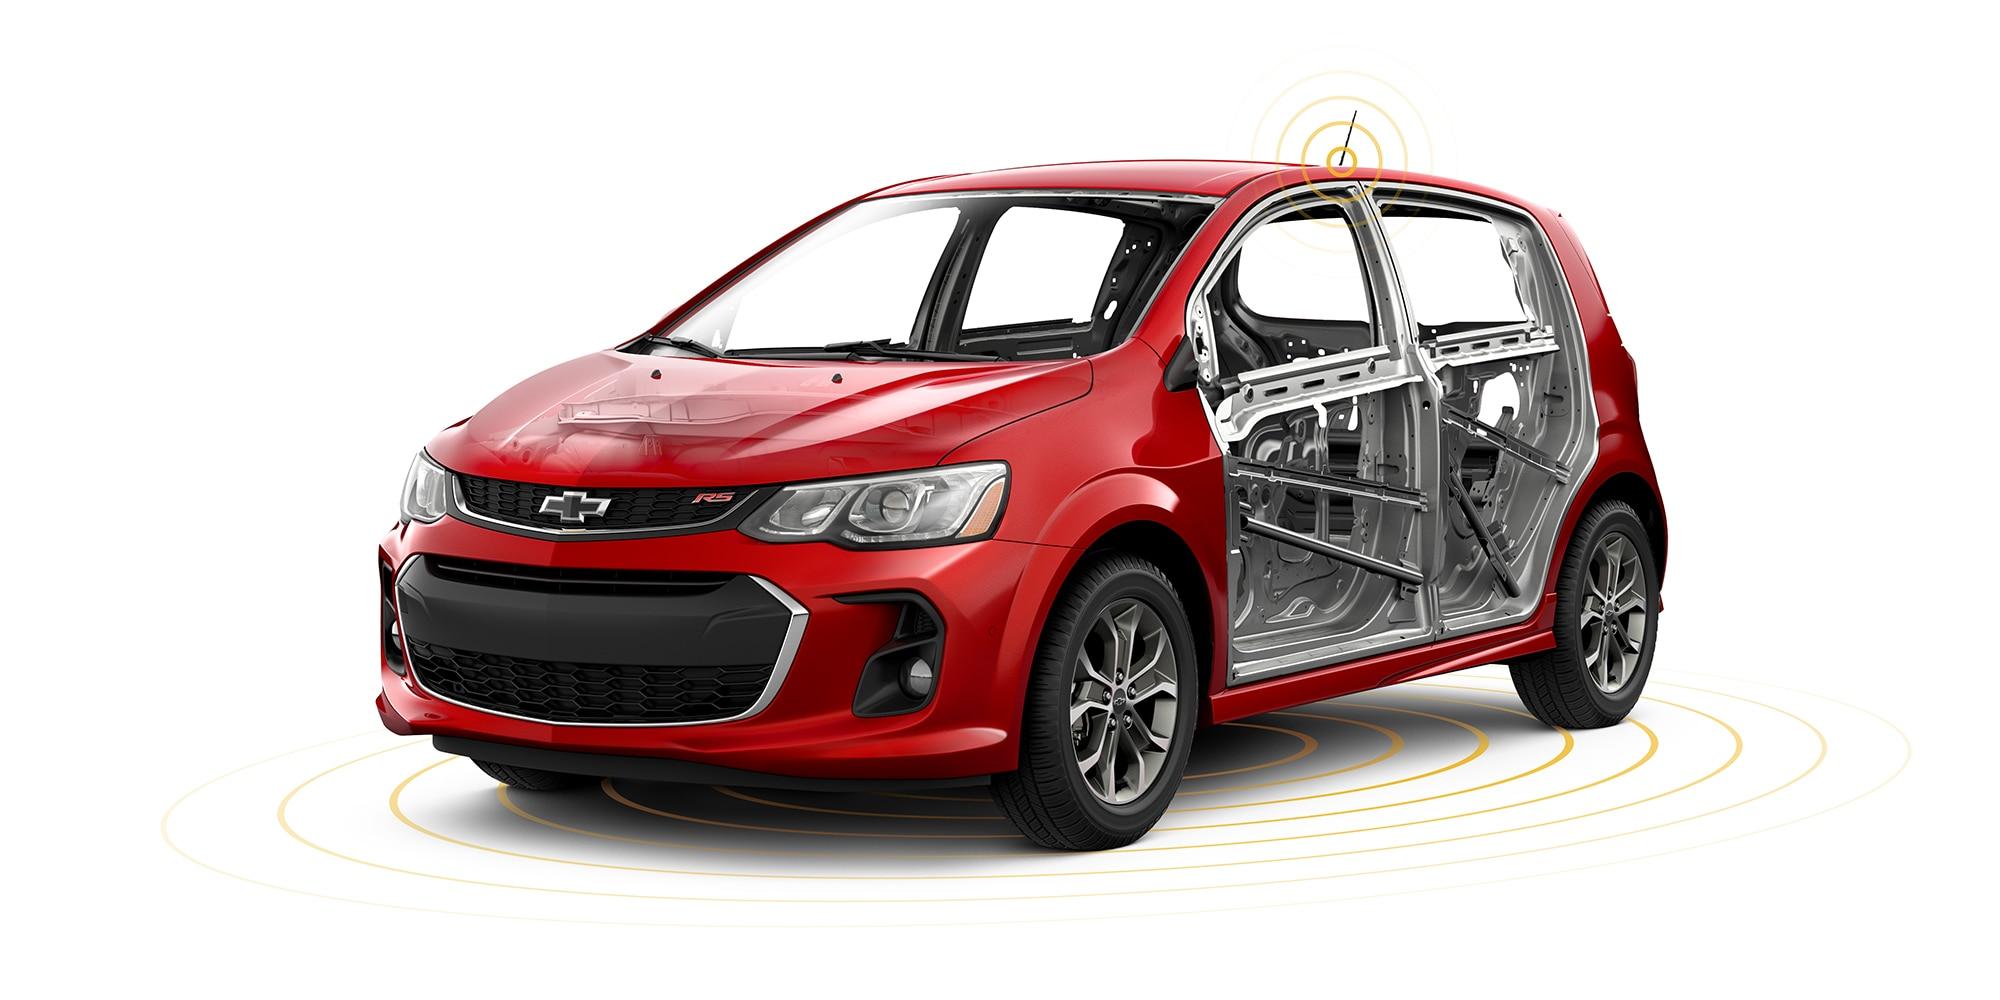 Seguridad del auto compacto Chevrolet Sonic 2018